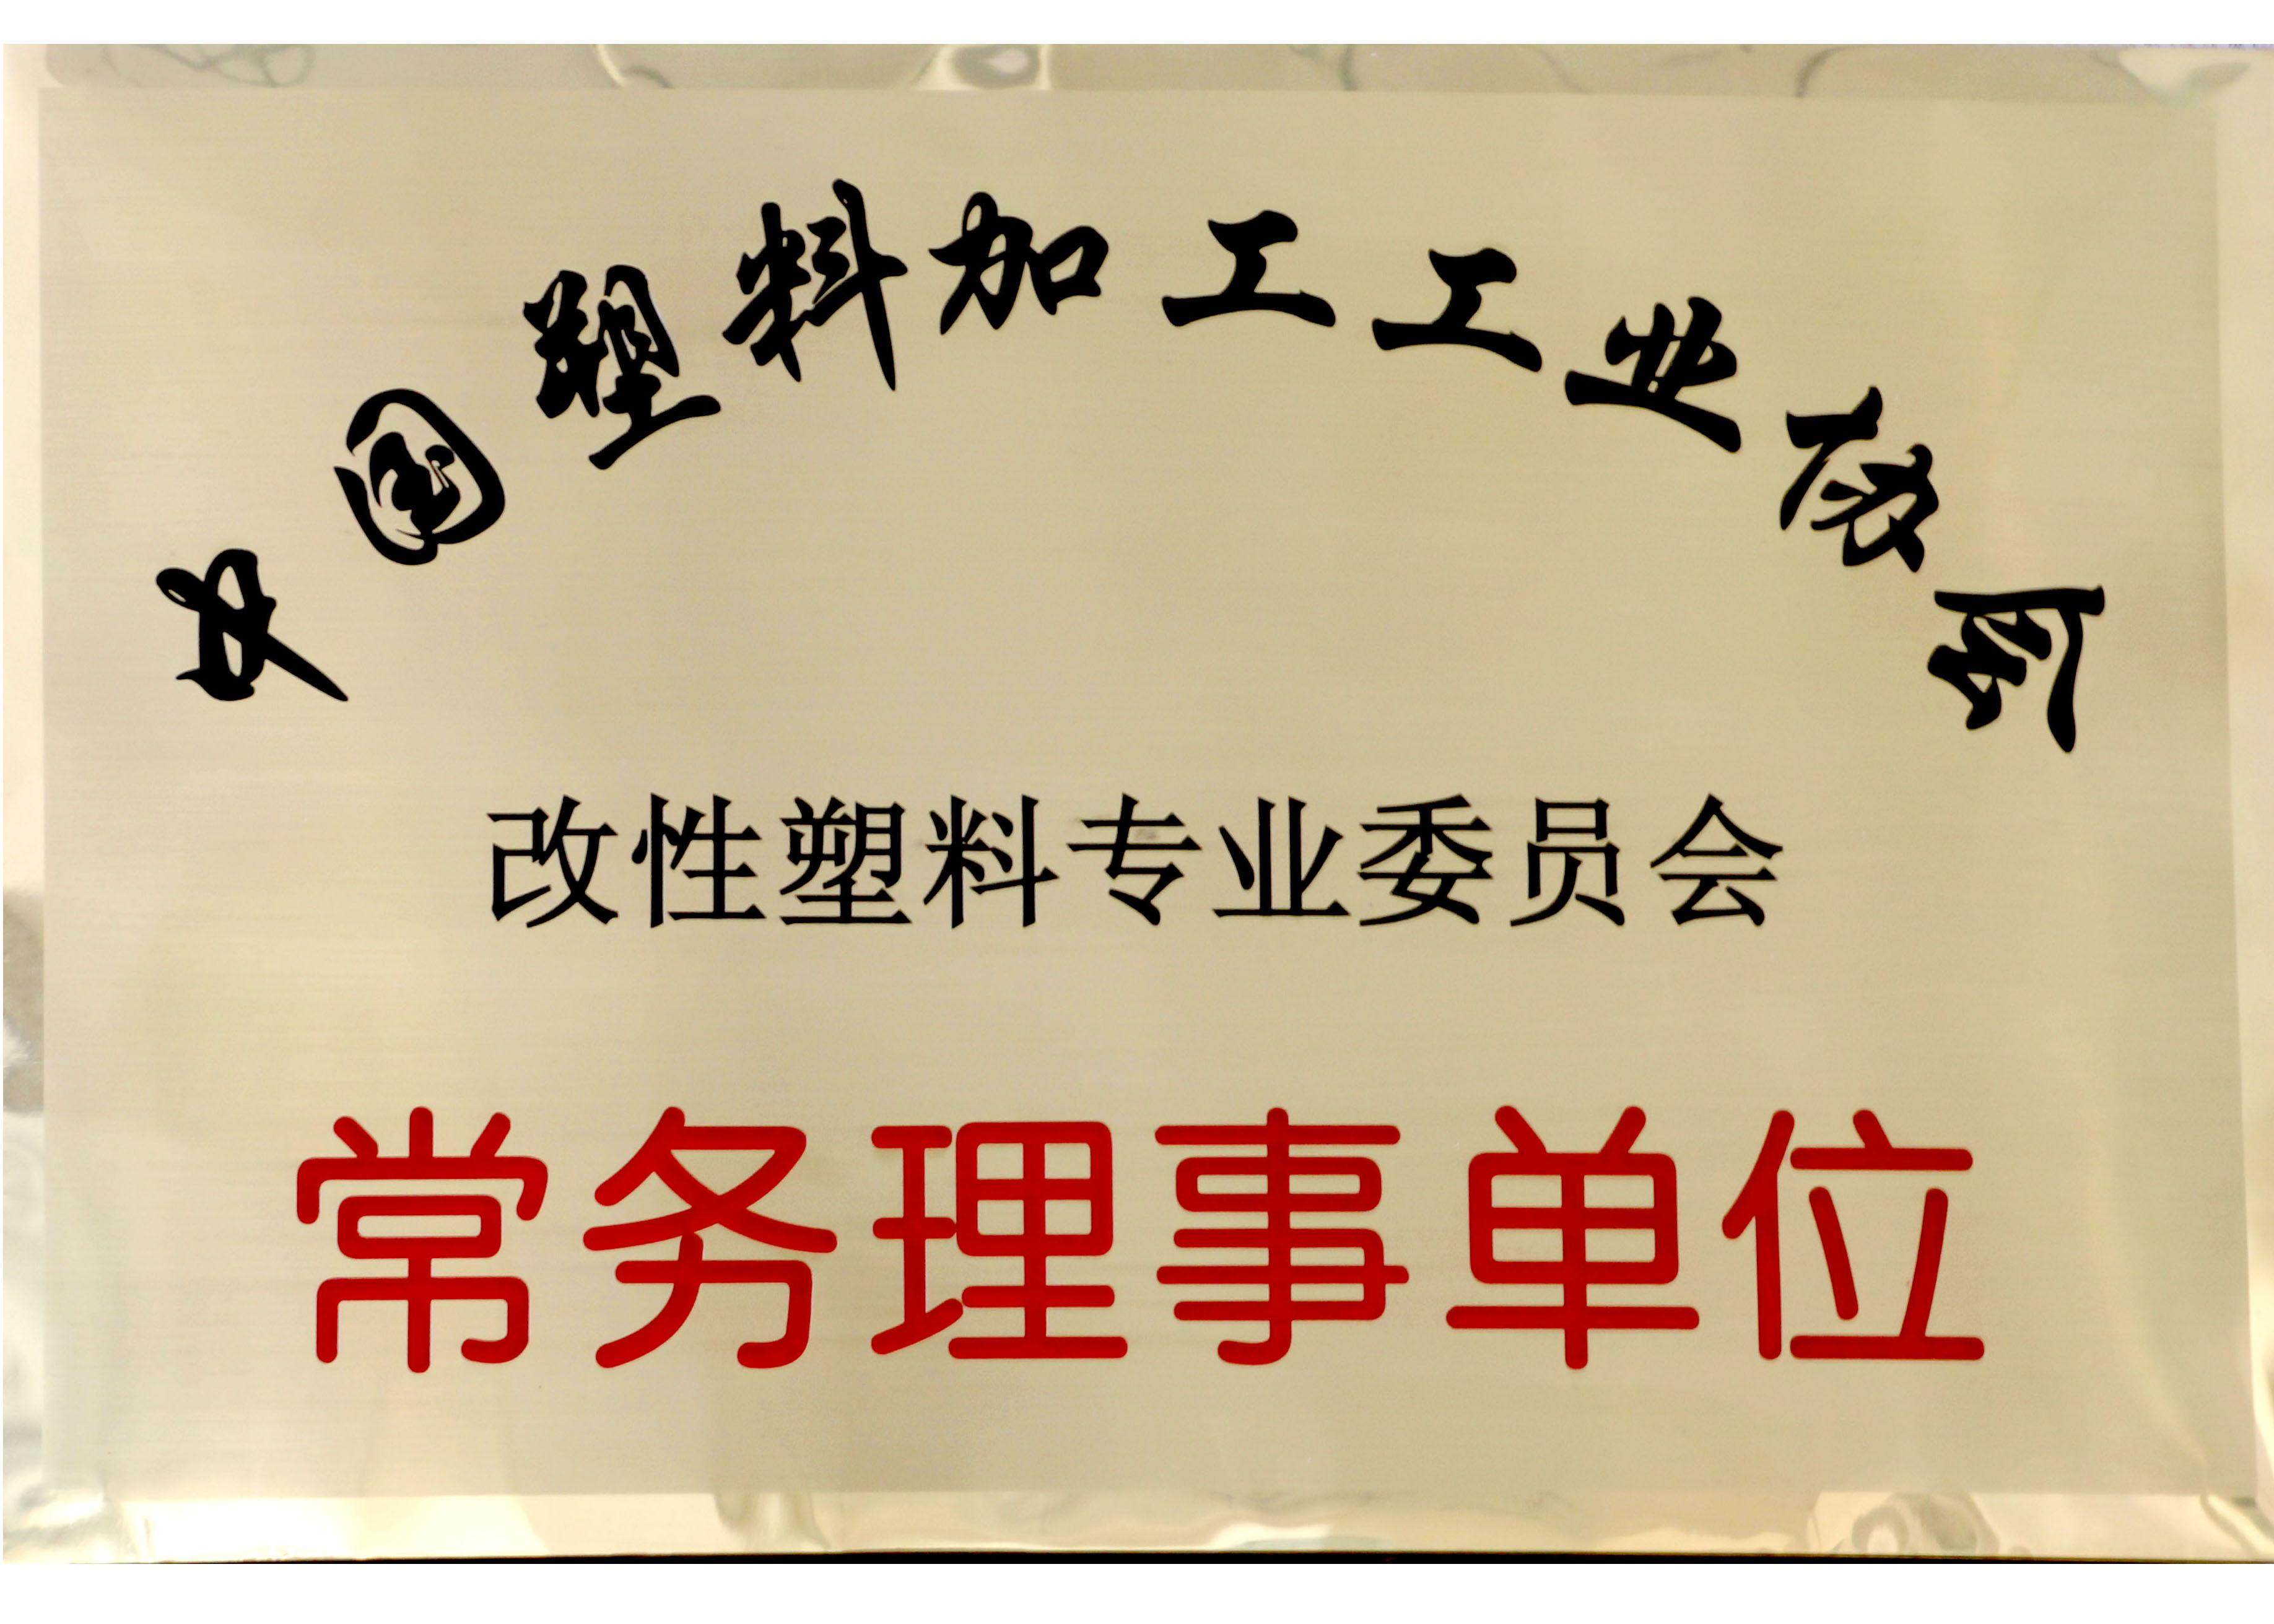 中国塑料加工工业协会 改性塑料专业委员会 常务理事单位